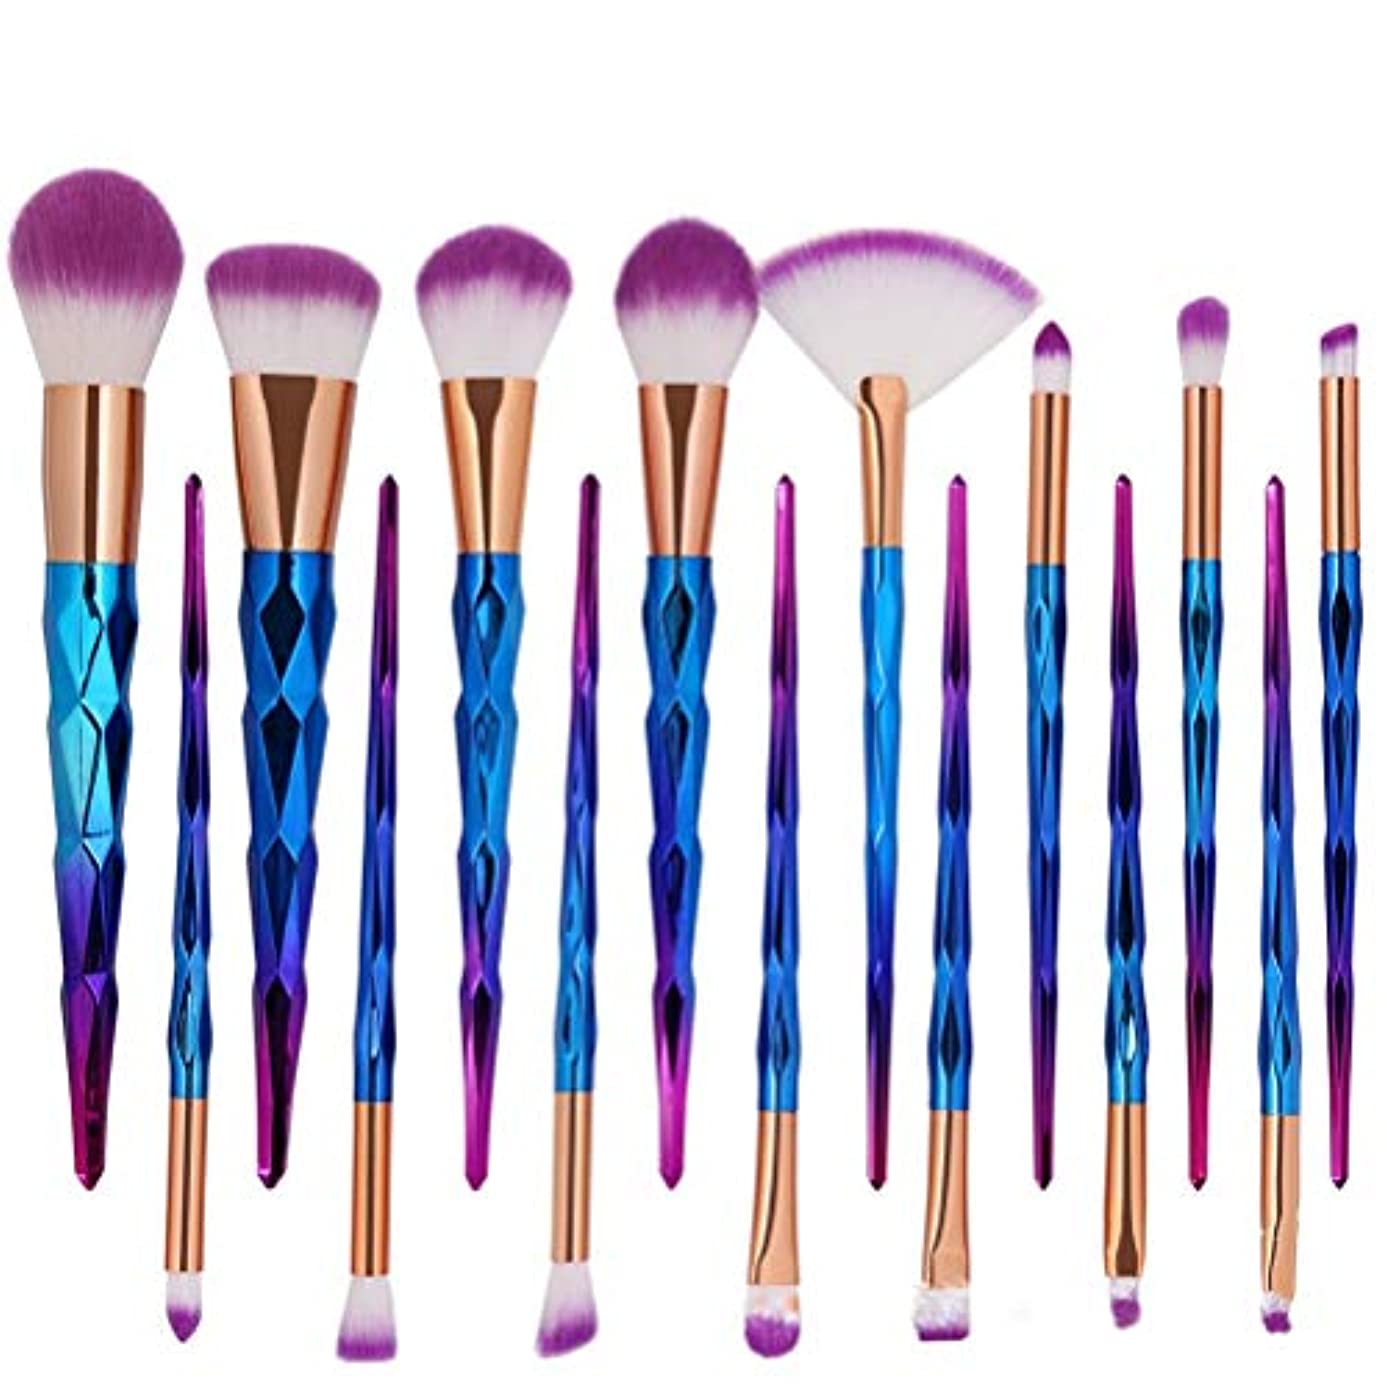 他に大事にする疾患LSHJP 化粧ブラシ 15個 不規則な 個性的 柔らか 安心 便利 ファッション 自然 ビューティー 高品質 高品質 (Color : Purple, Size : ワンサイズ)